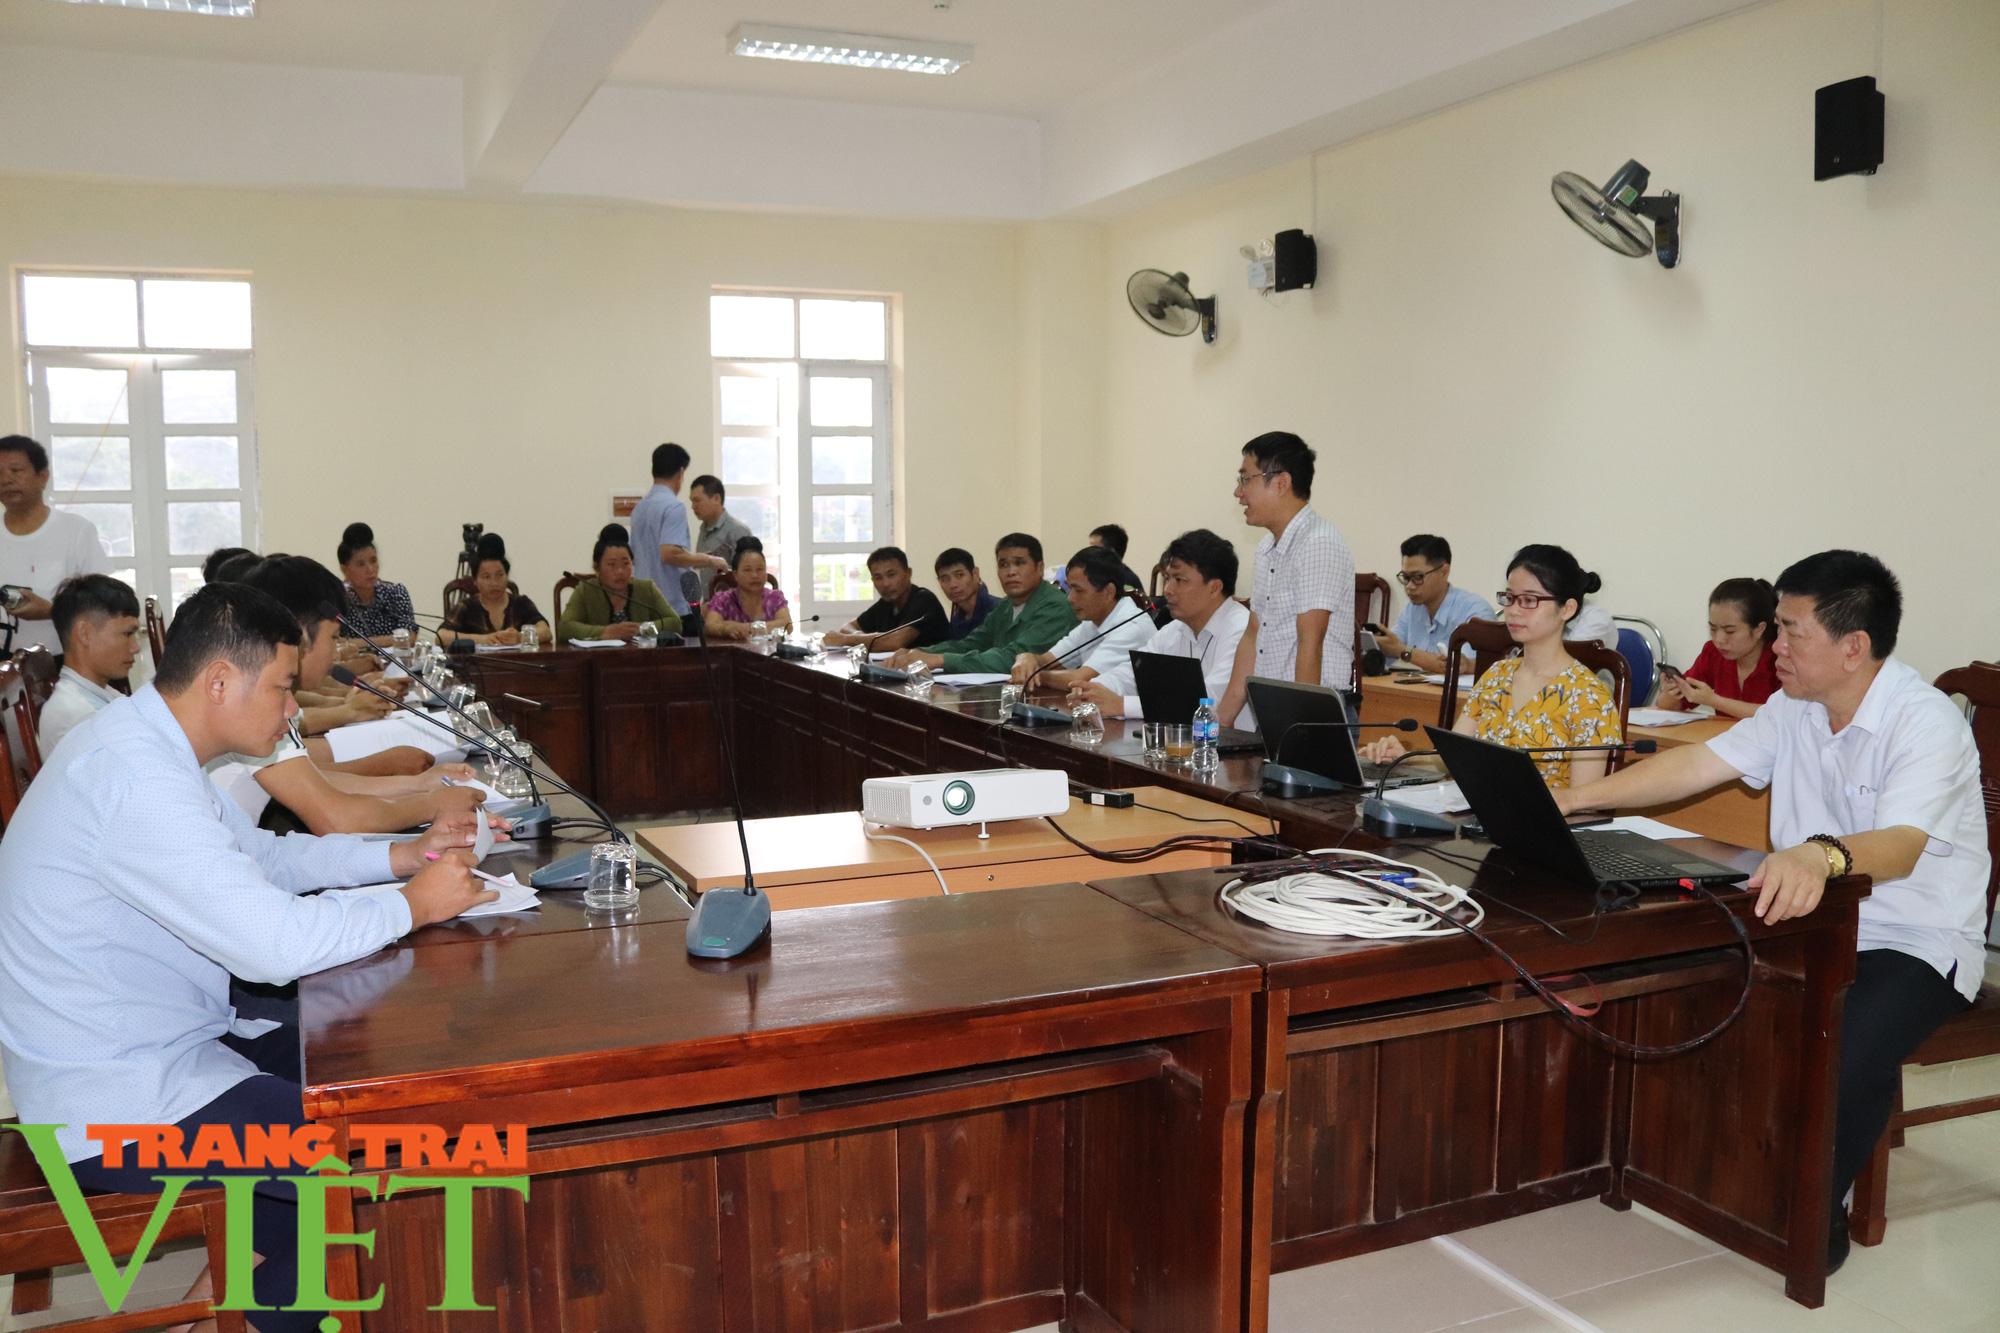 Hội Nông dân tỉnh Sơn La tập huấn kỹ năng viết đề xuất và quản lý vốn tài trợ nhỏ - Ảnh 1.